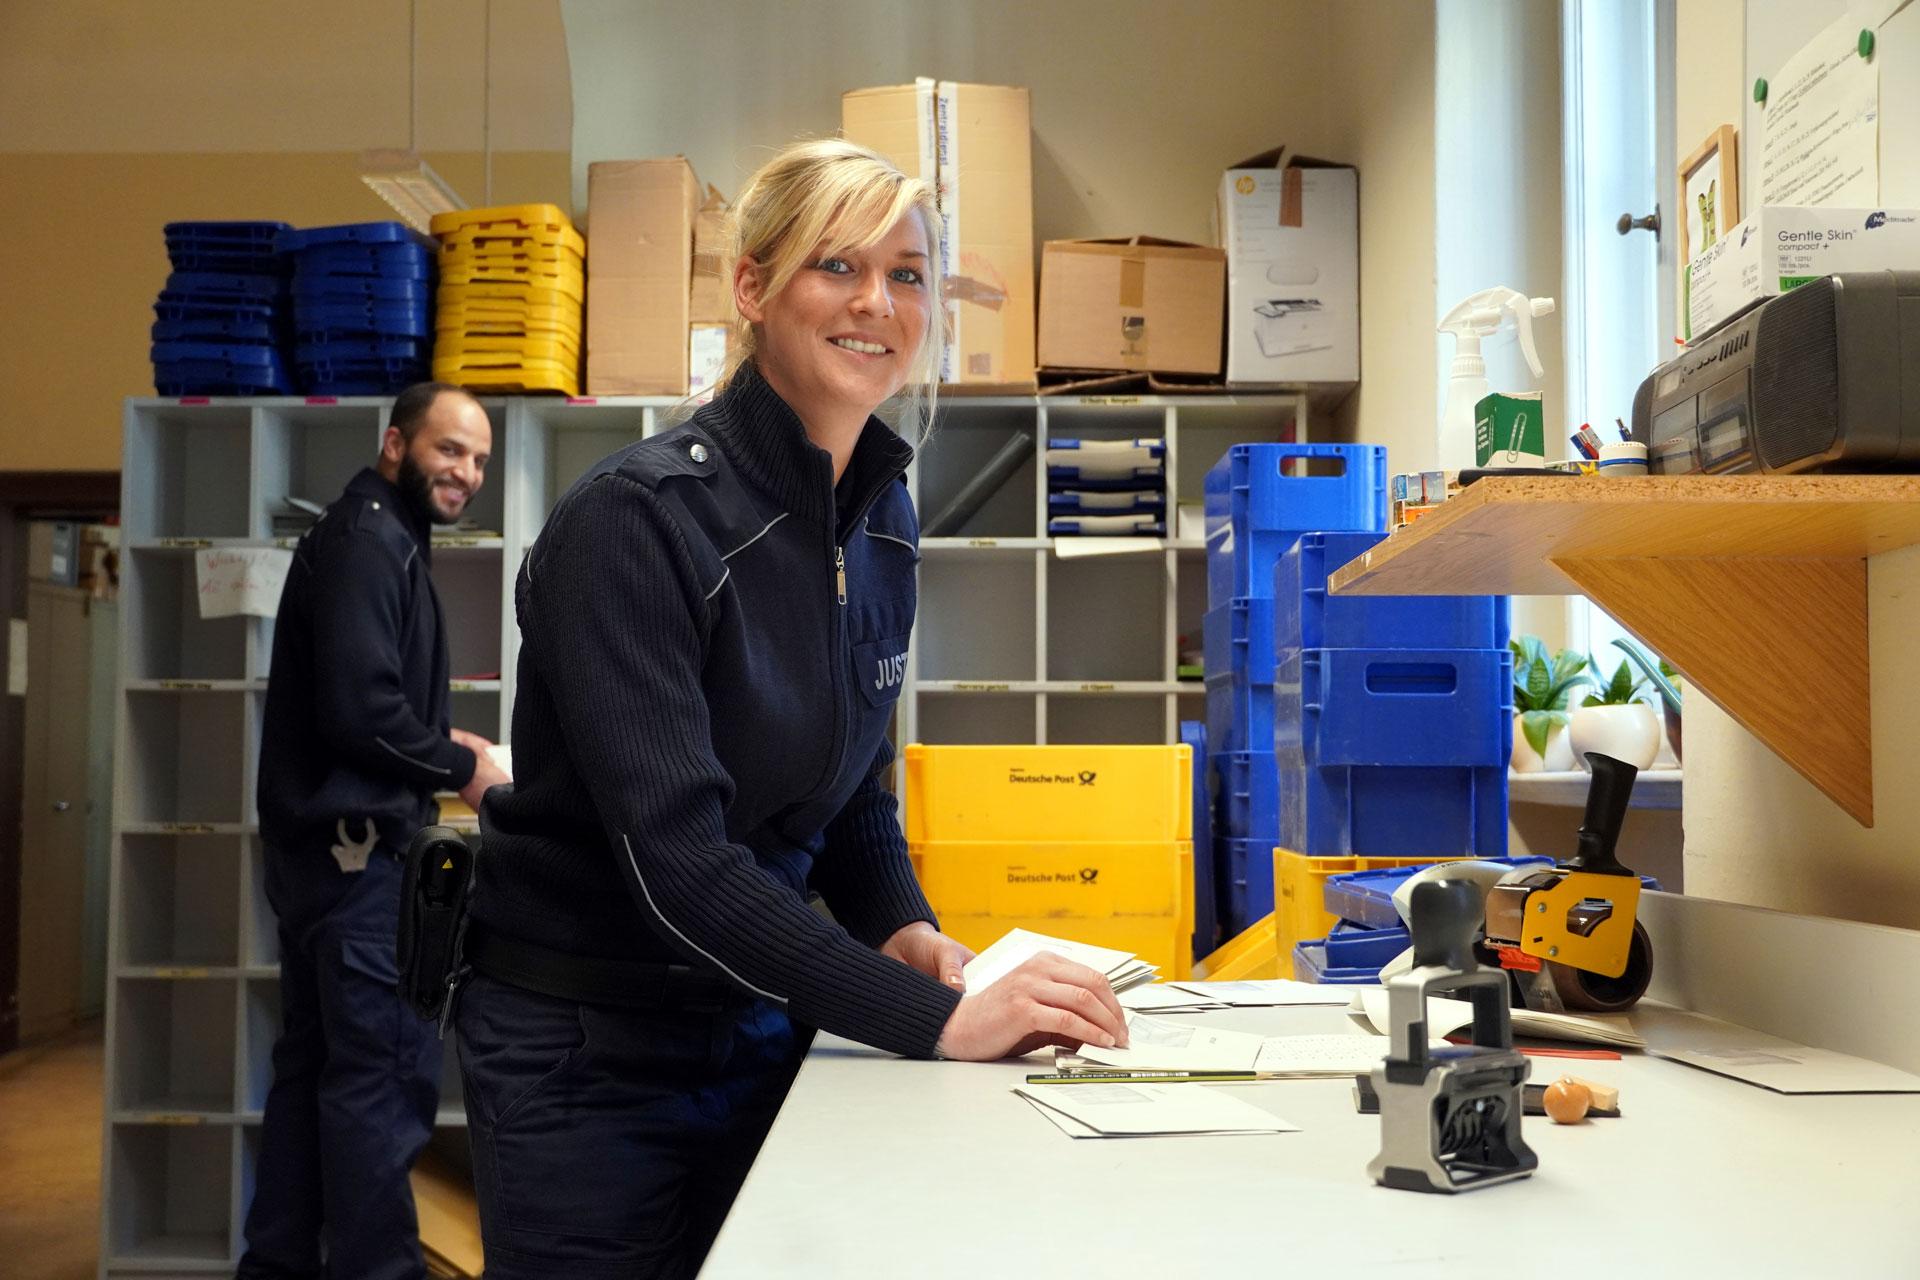 Justizhauptwachtmeisterin Kerstin und Justizwachtmeister Kevin in Uniform: Freuen sich über ihre vielfältigen Aufgaben – wie hier auf der Poststelle